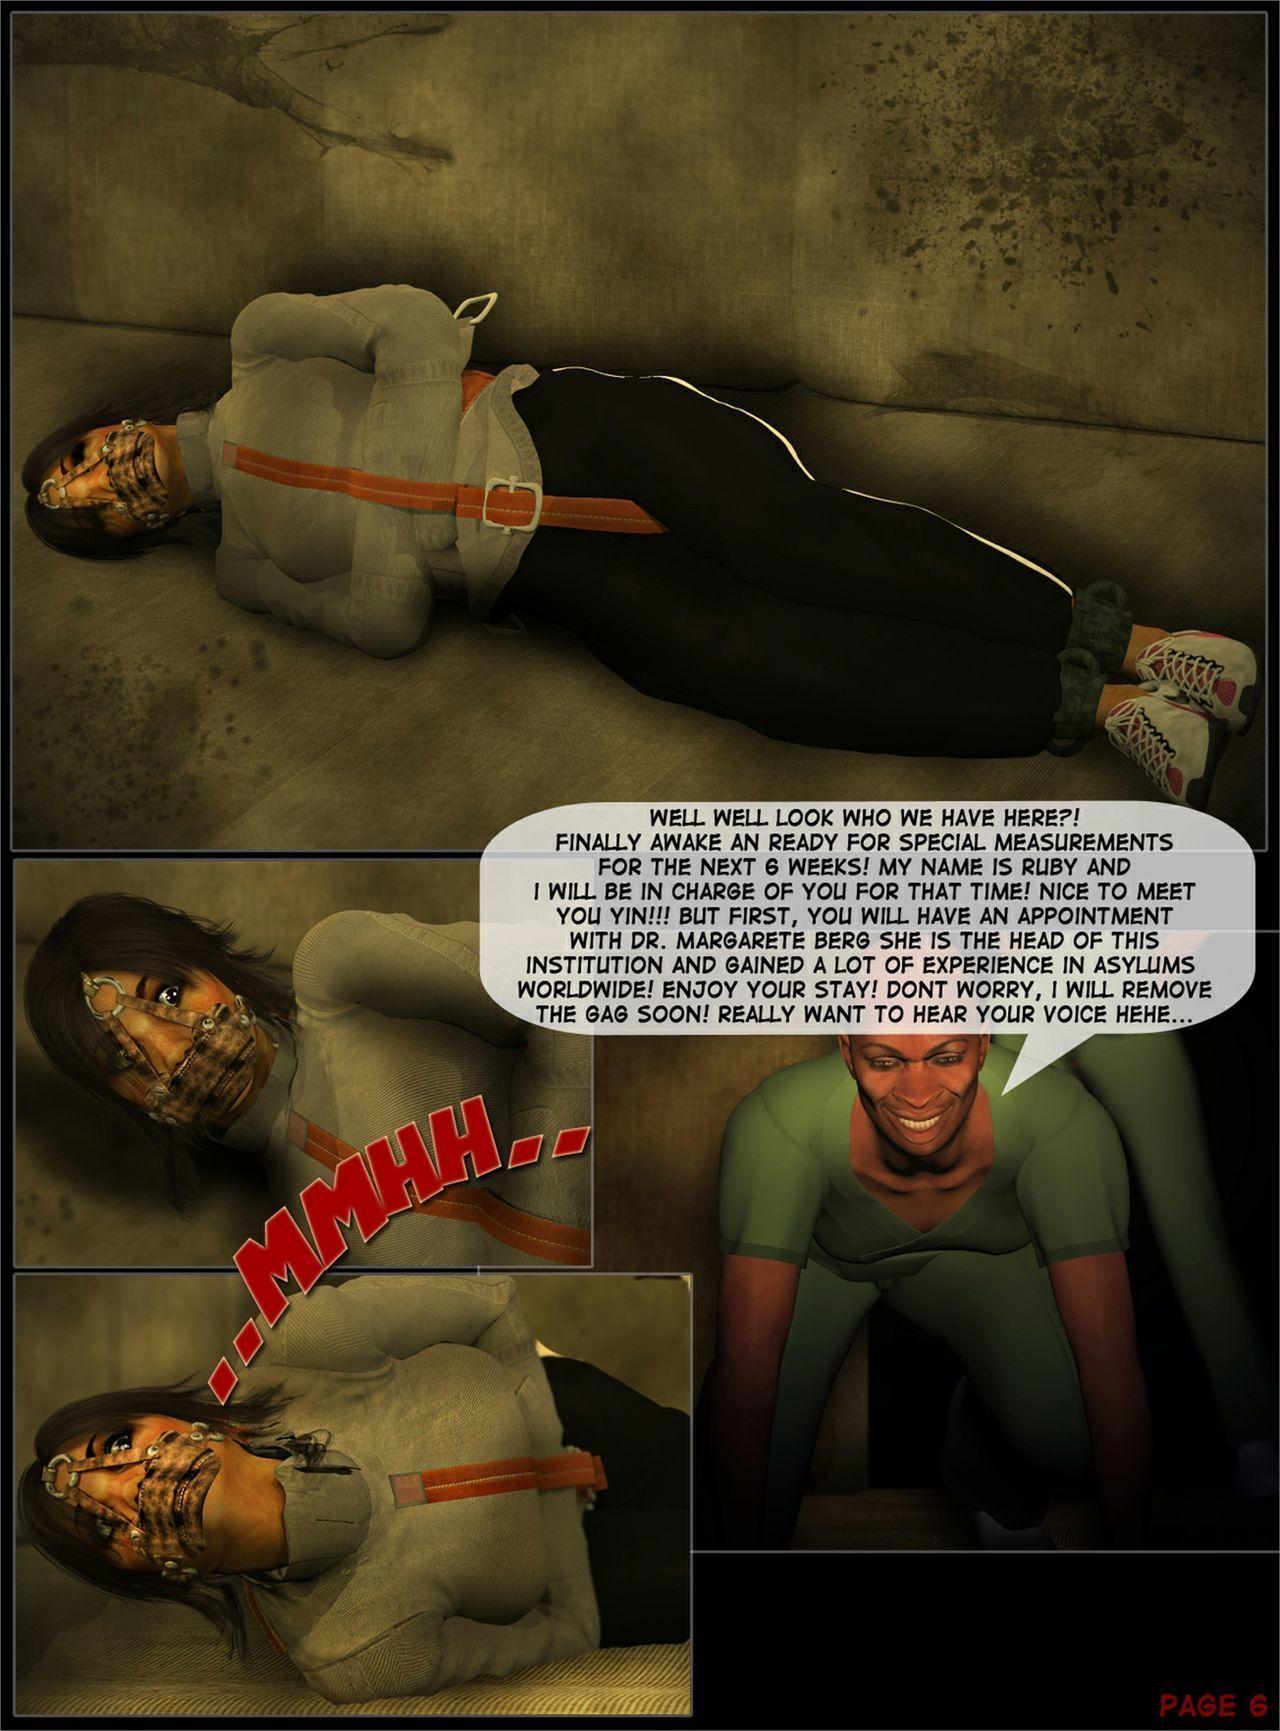 [Ryuk] The Asylum of Dr. Berg